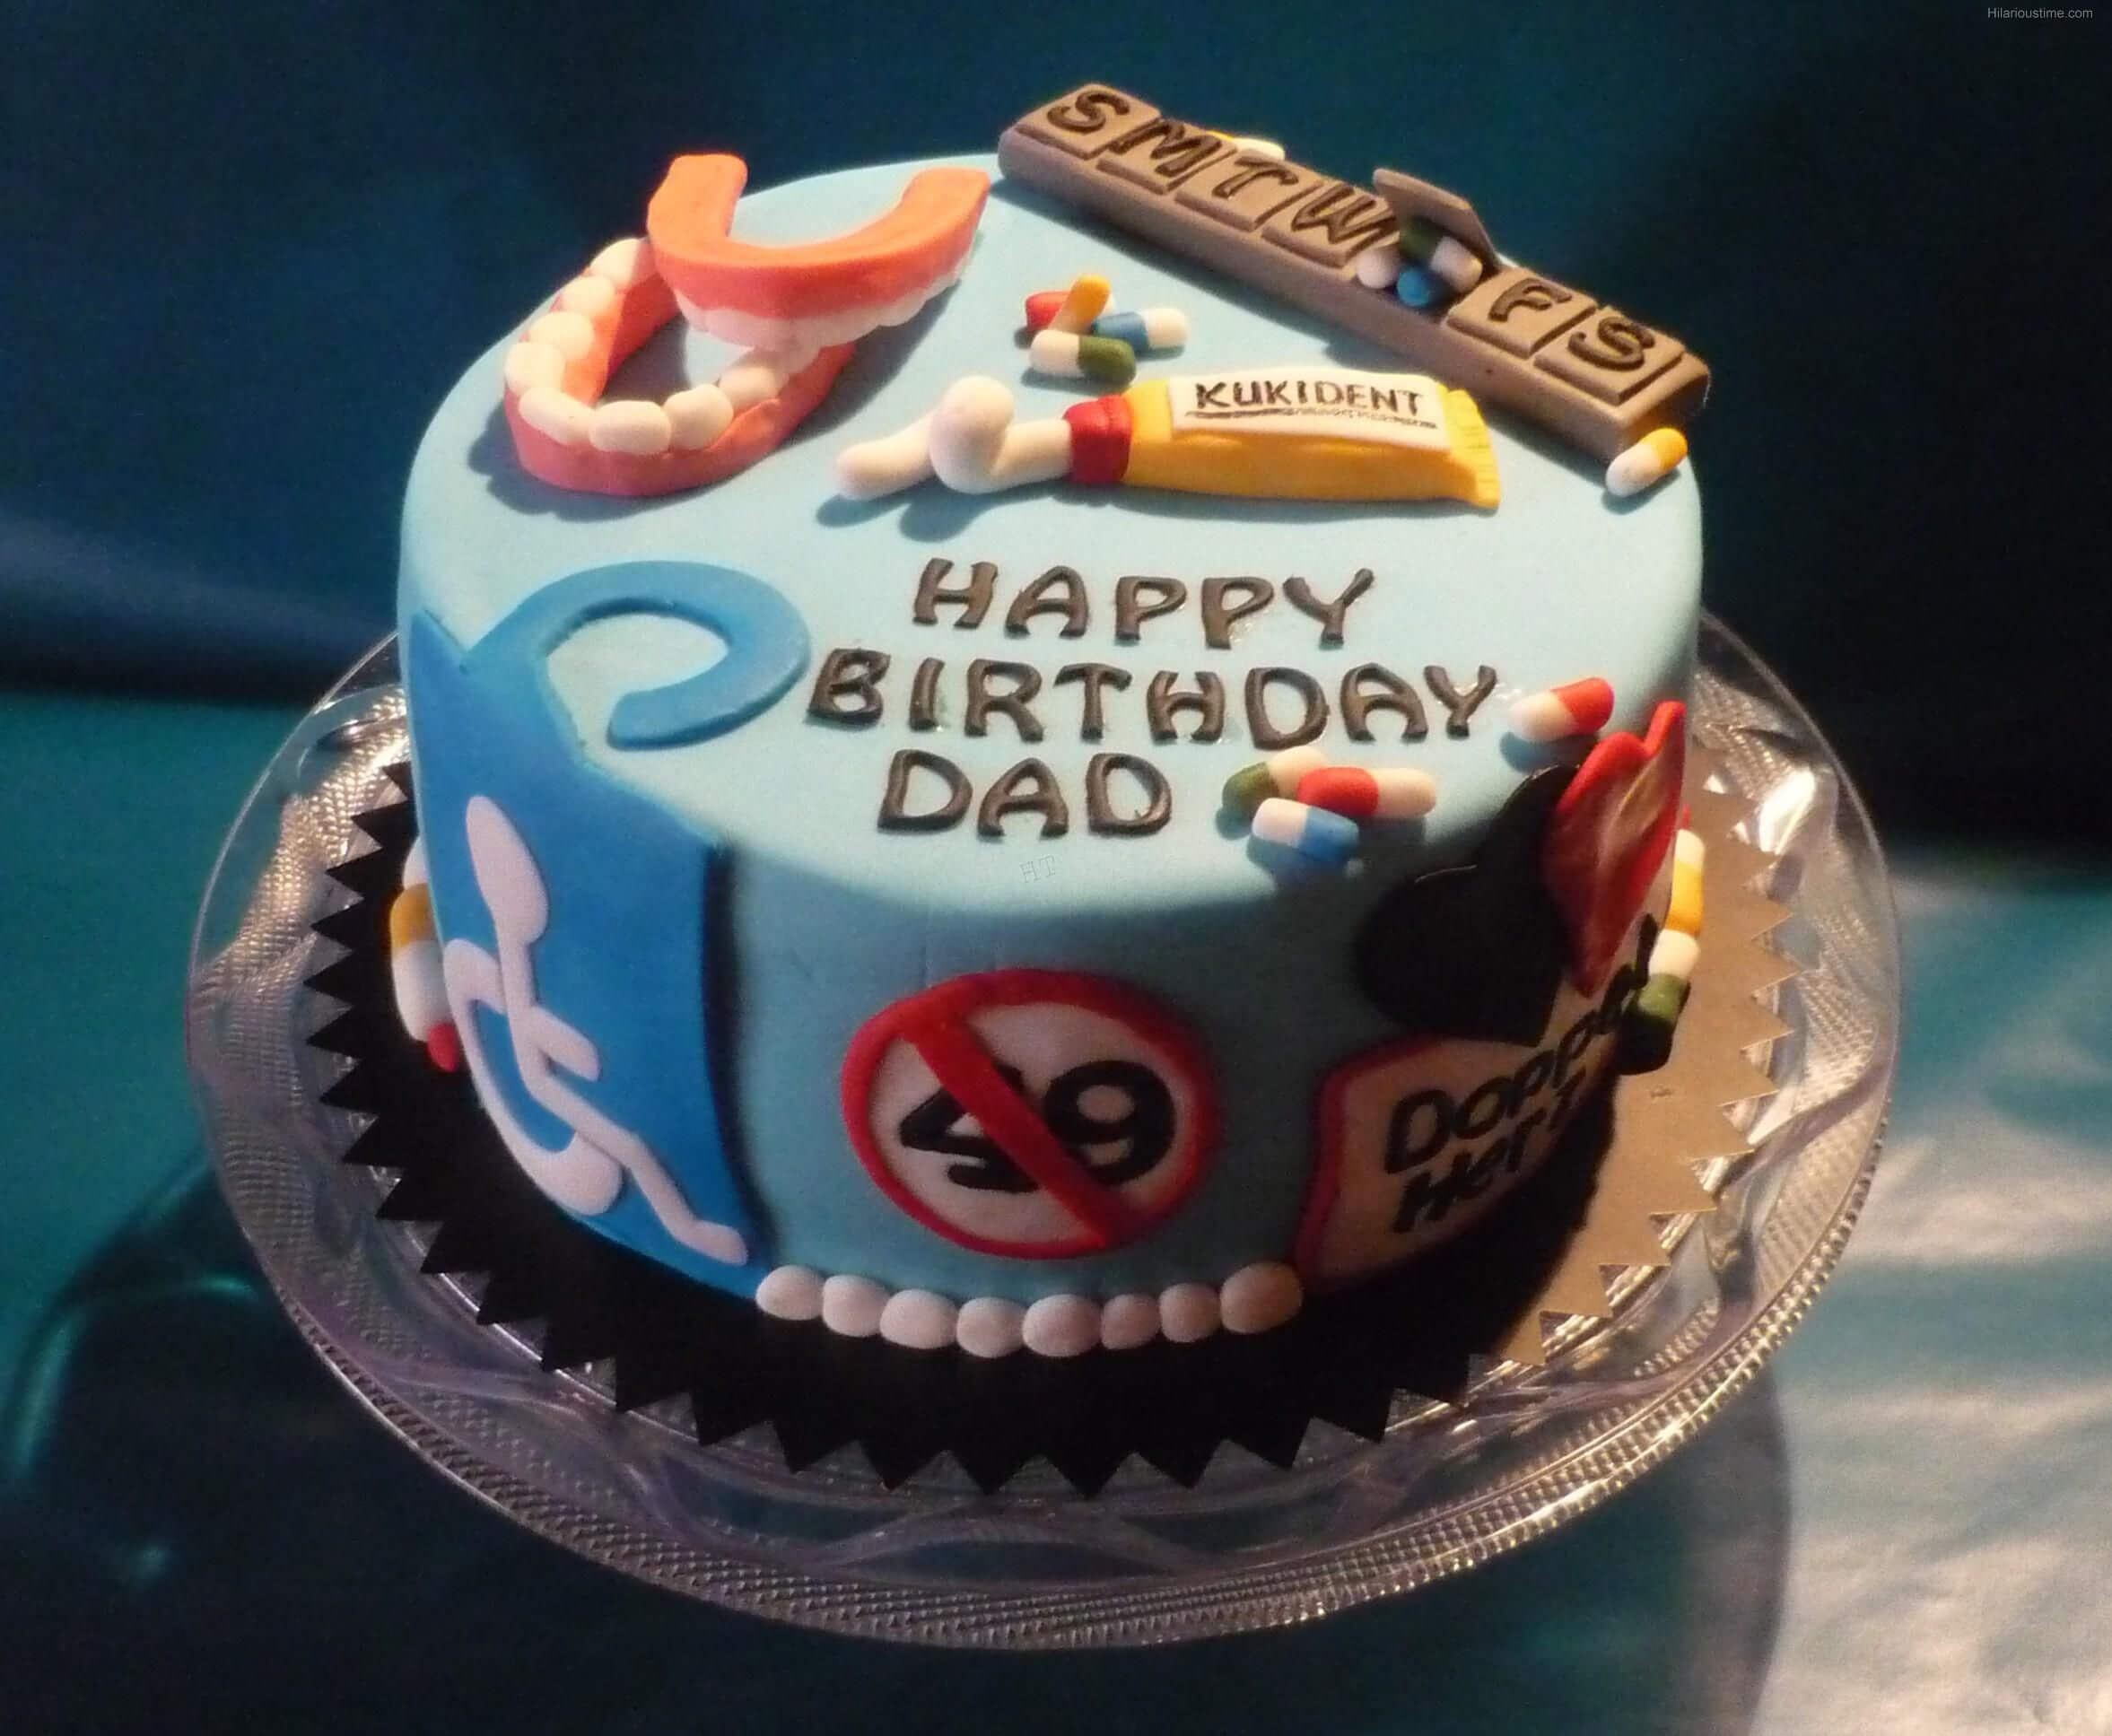 Chiếc bánh sinh nhật hài hước cho người cha tuổi 50